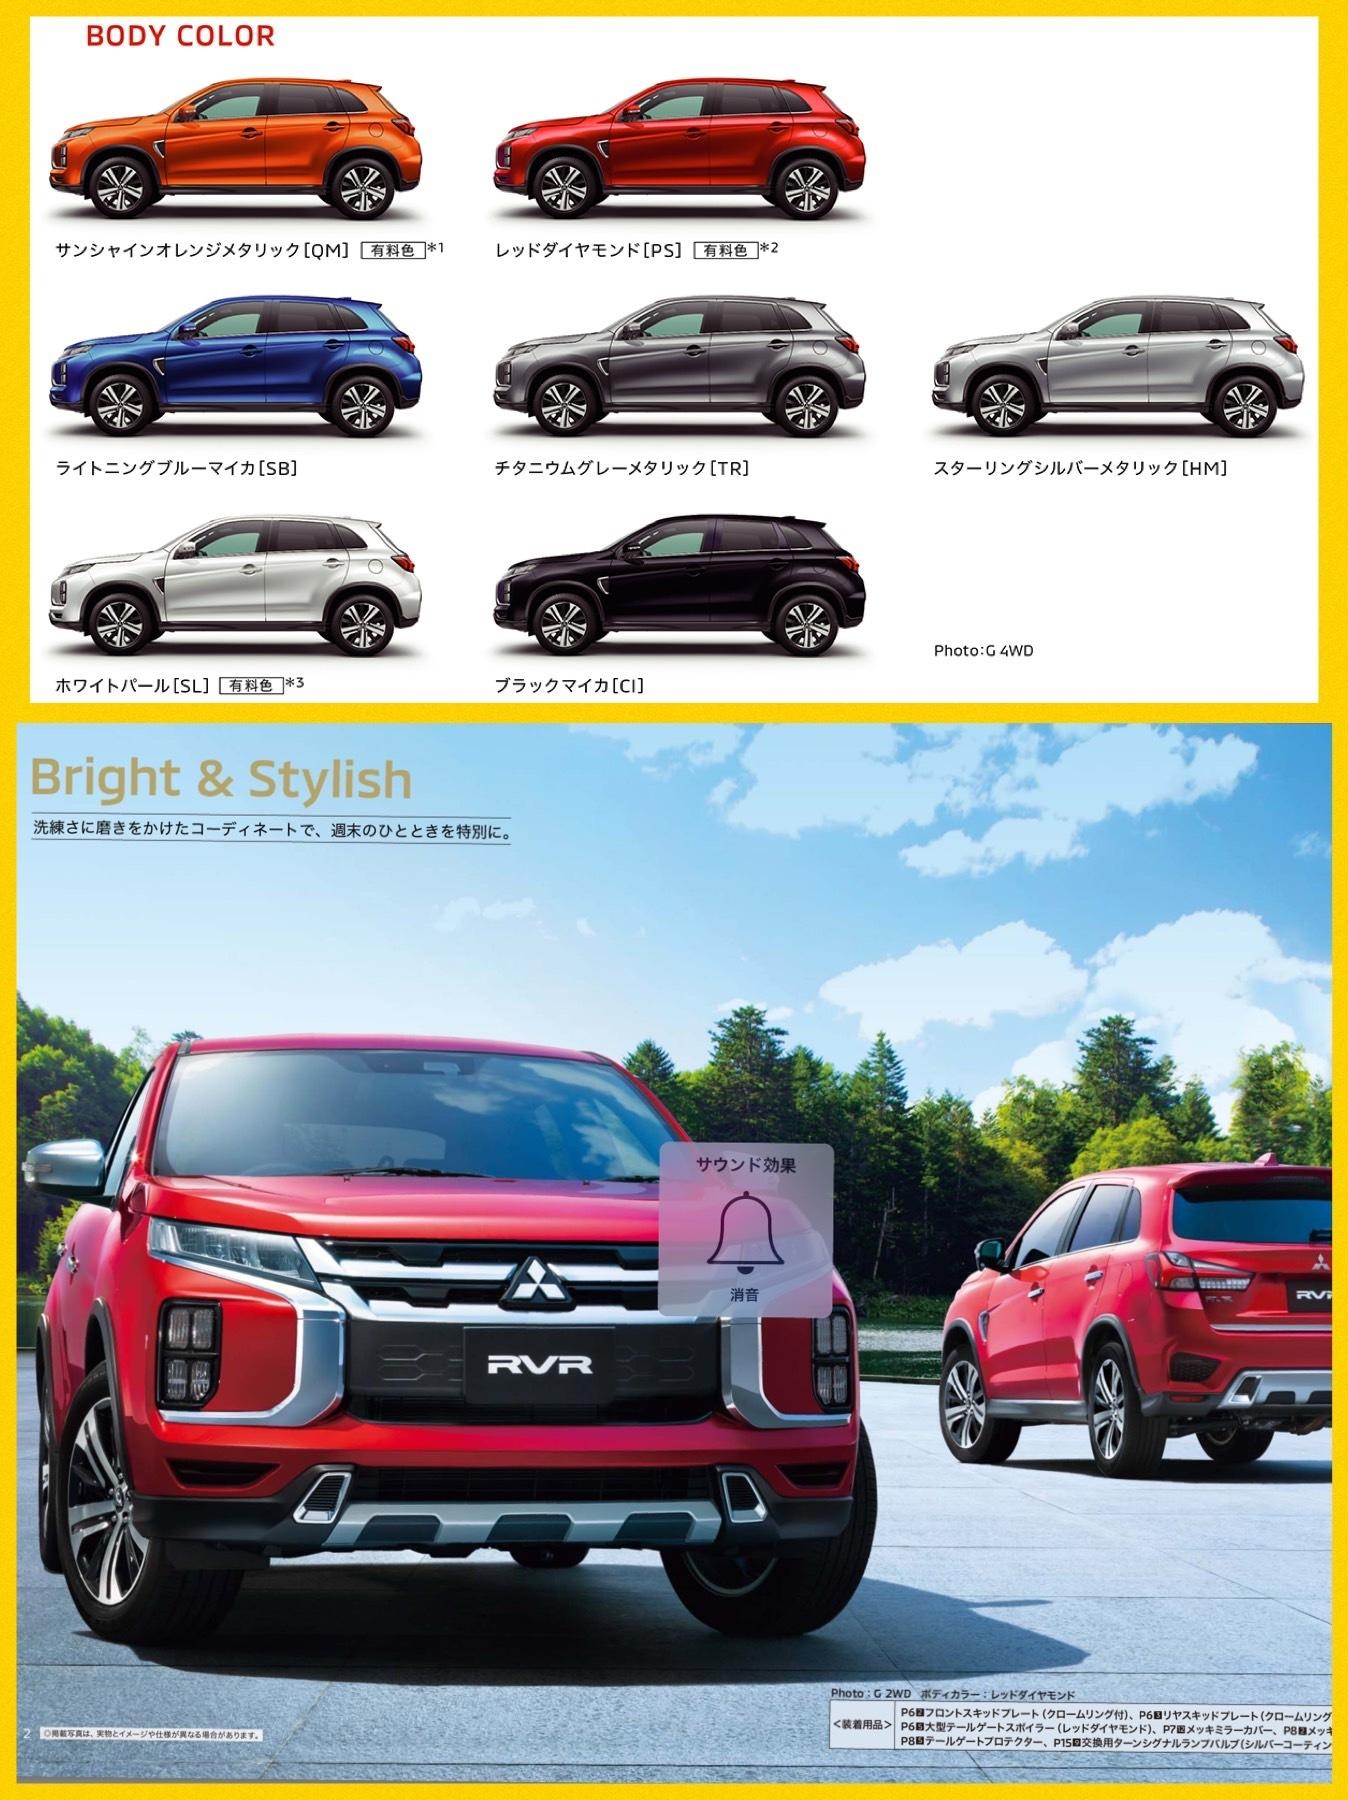 三菱新型RVR サンシャインオレンジ bright&stylish オプション